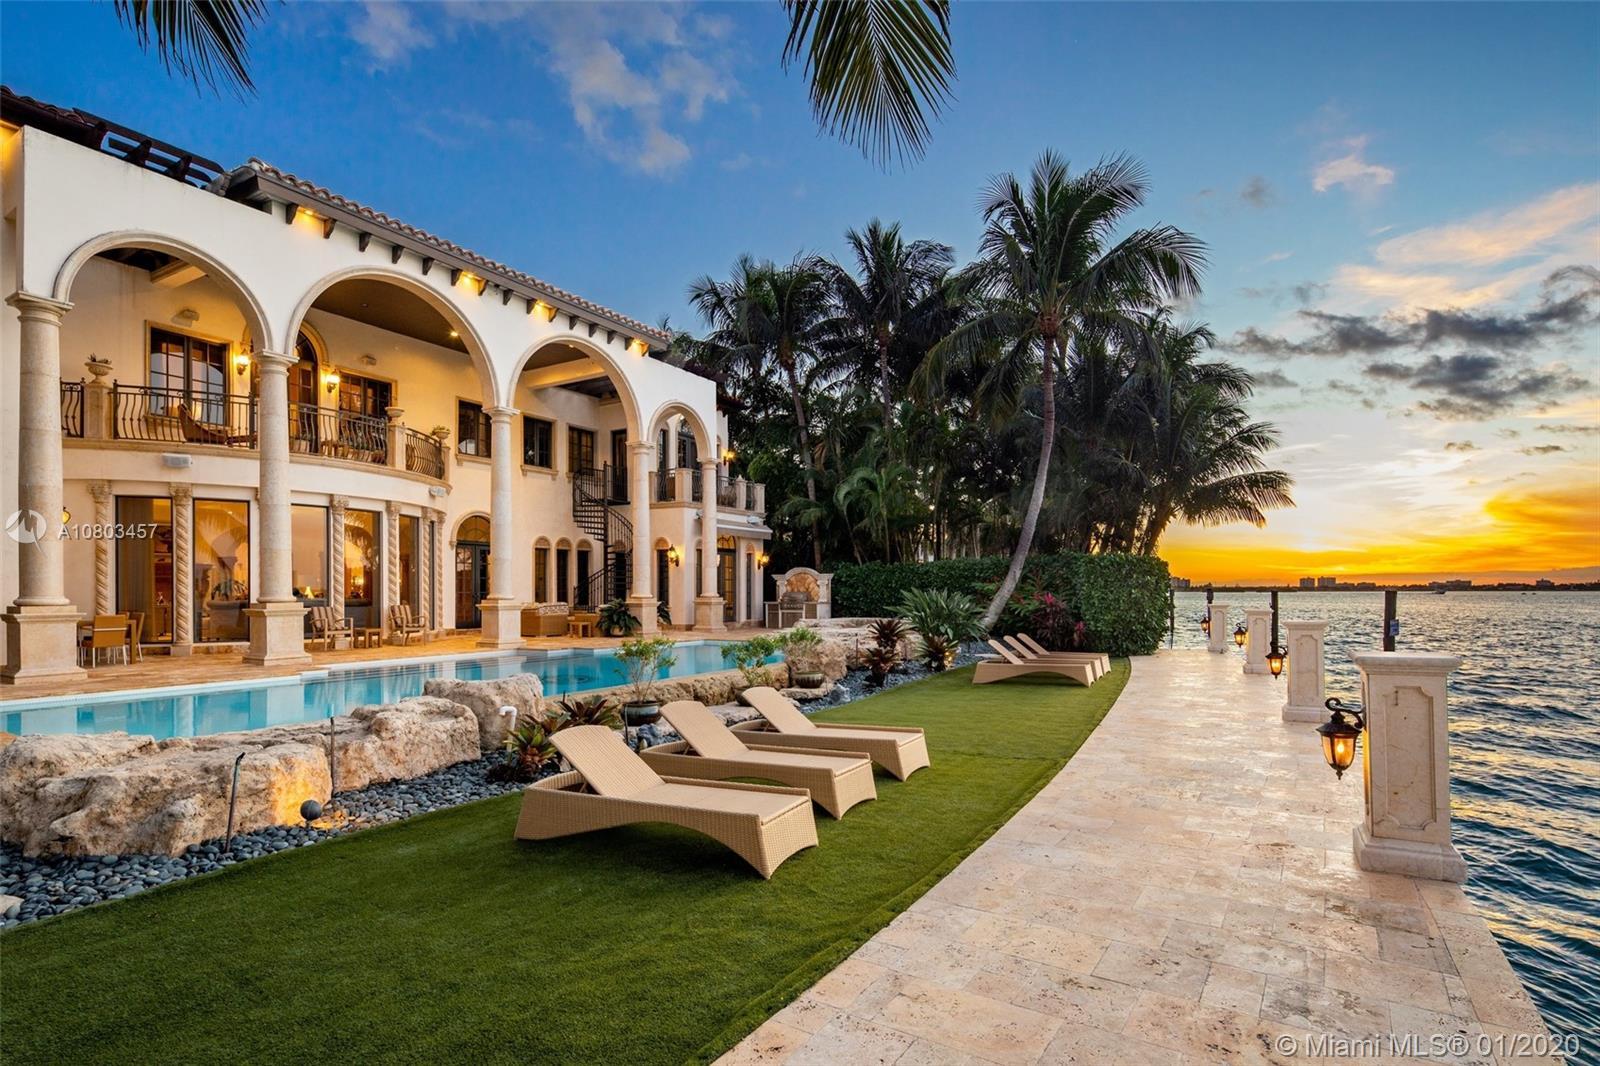 268 Bal Bay Dr, Bal Harbour, FL 33154 - Bal Harbour, FL real estate listing